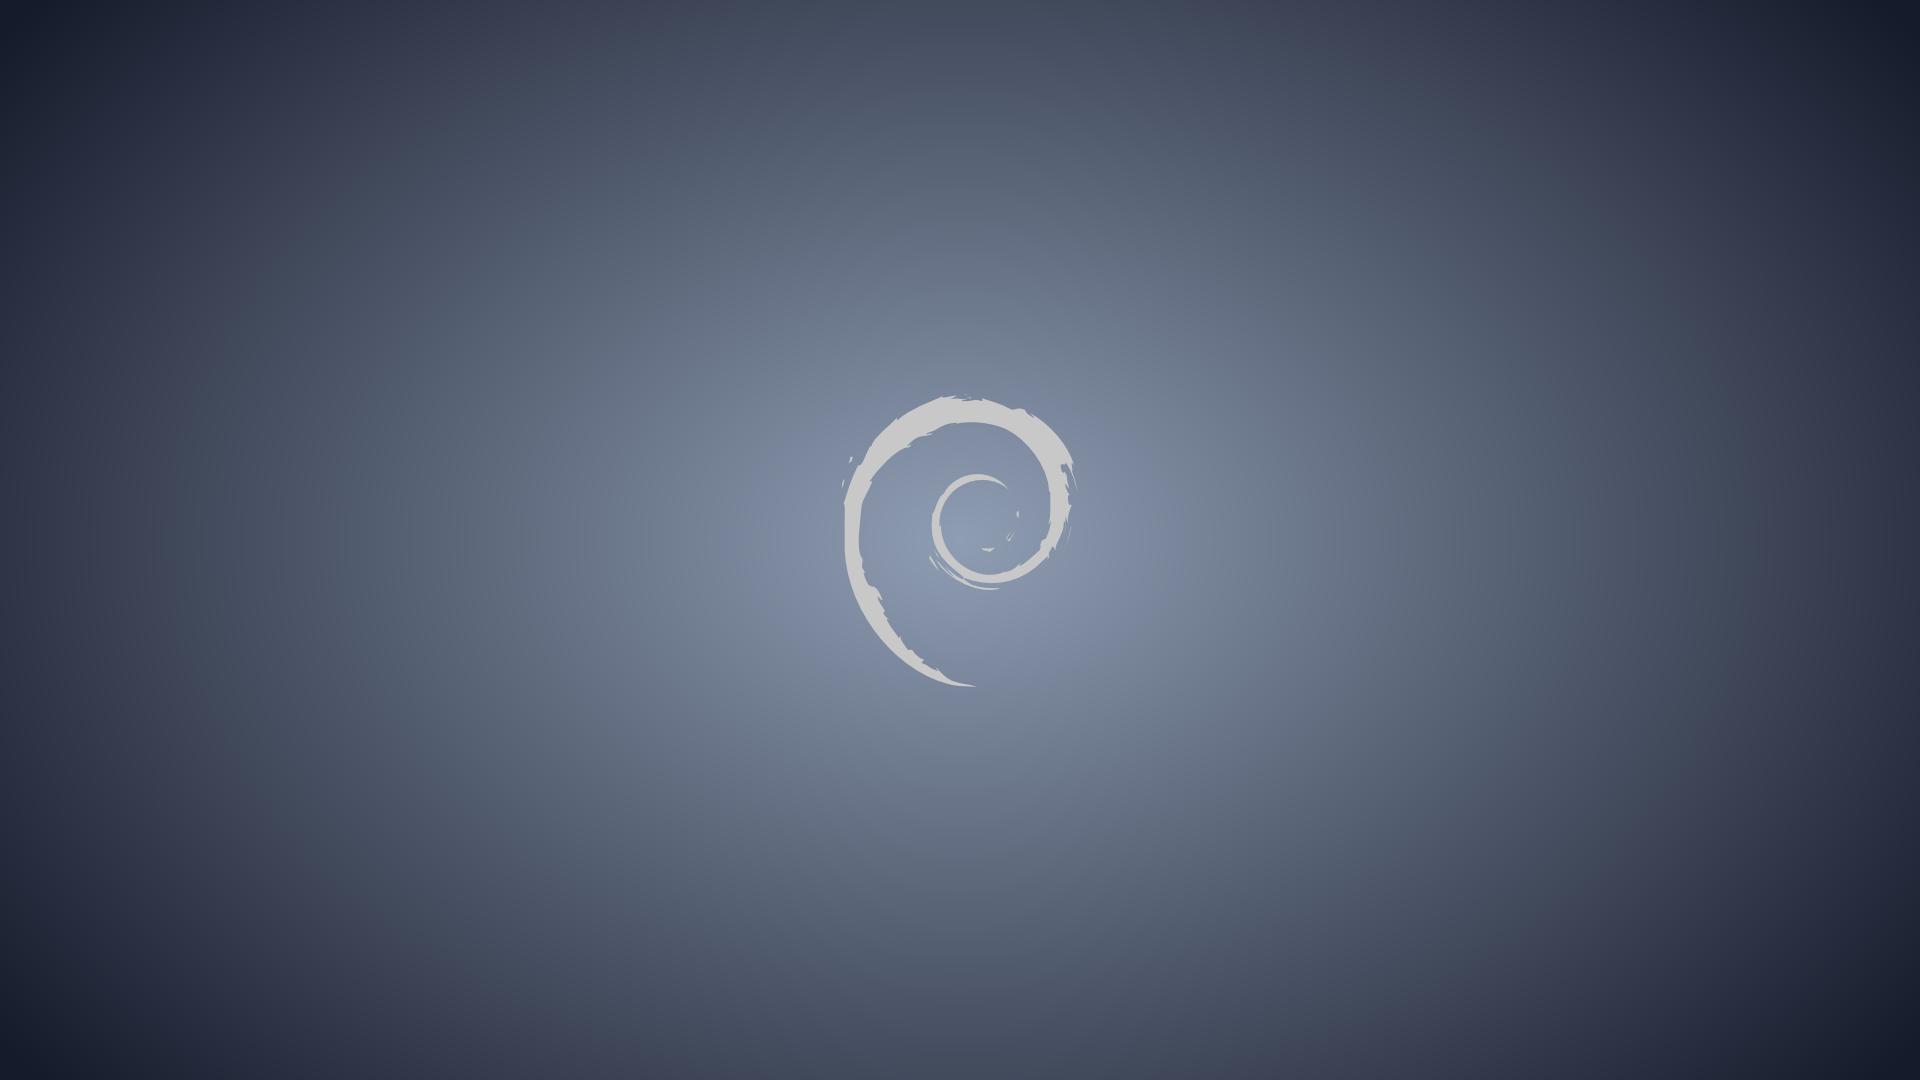 49+] Debian 8 Wallpaper on WallpaperSafari